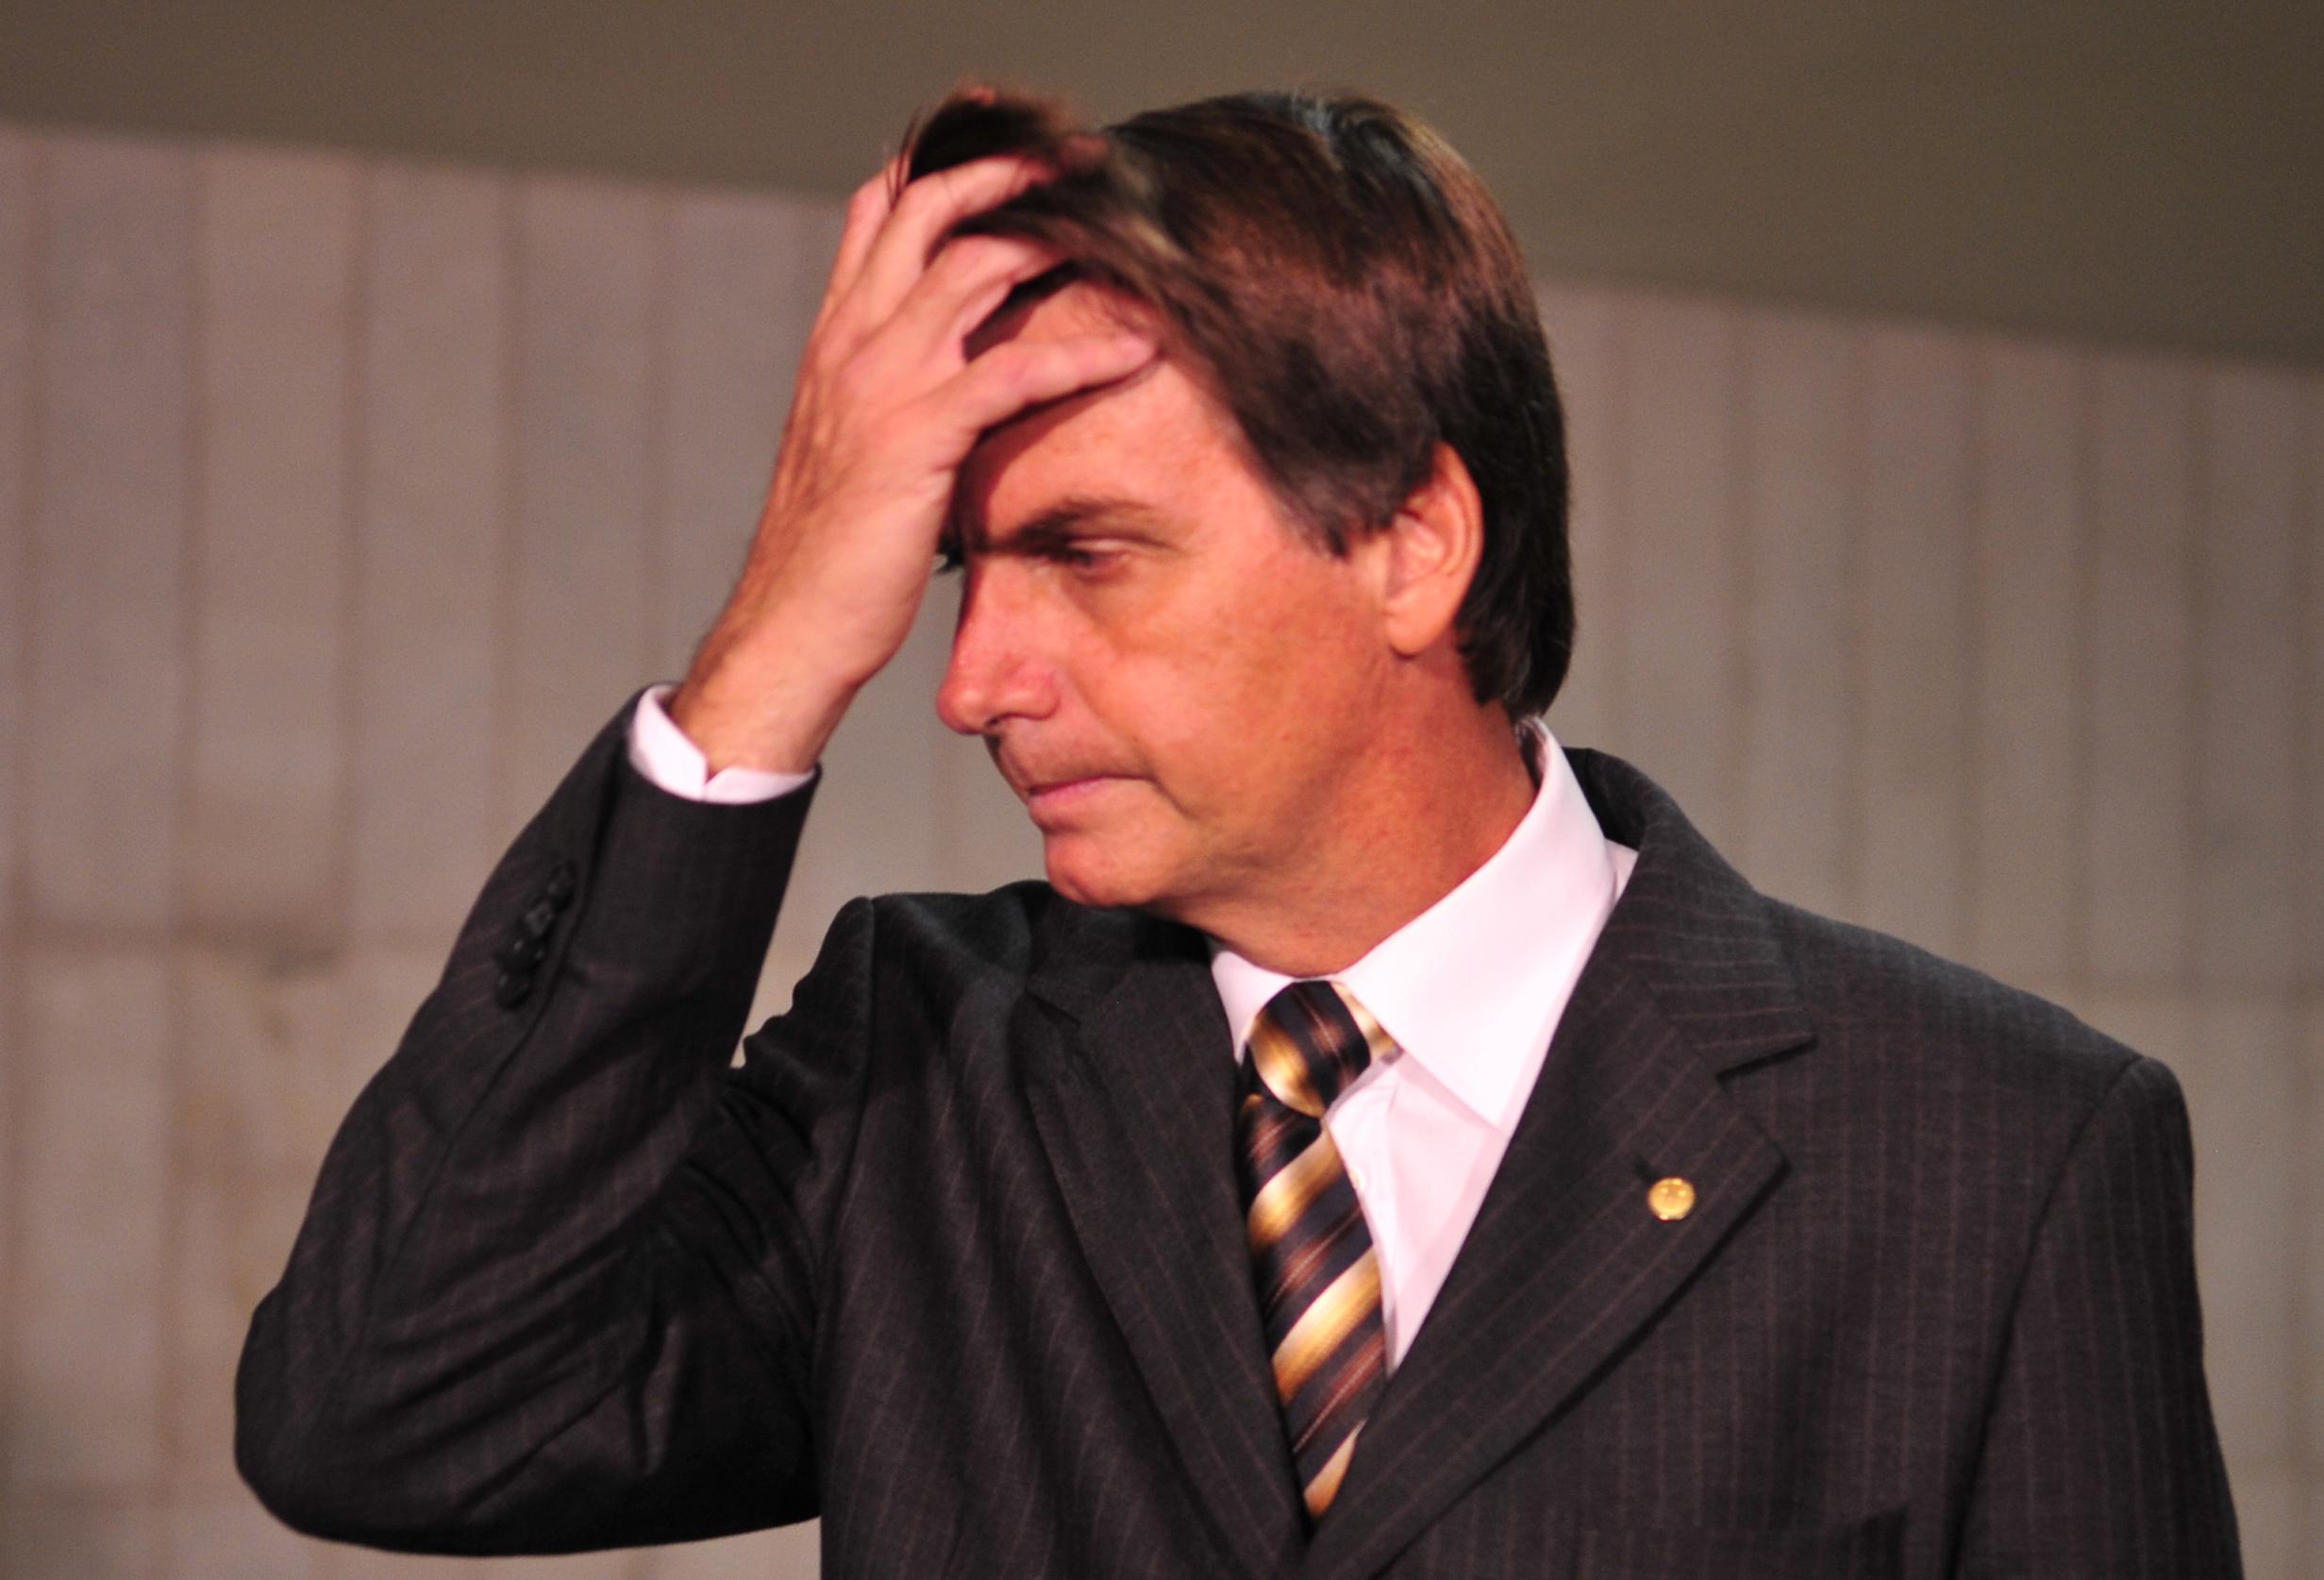 bolsonaro - Bolsonaro mente e manipula pra enganar você sobre o Mais Médicos